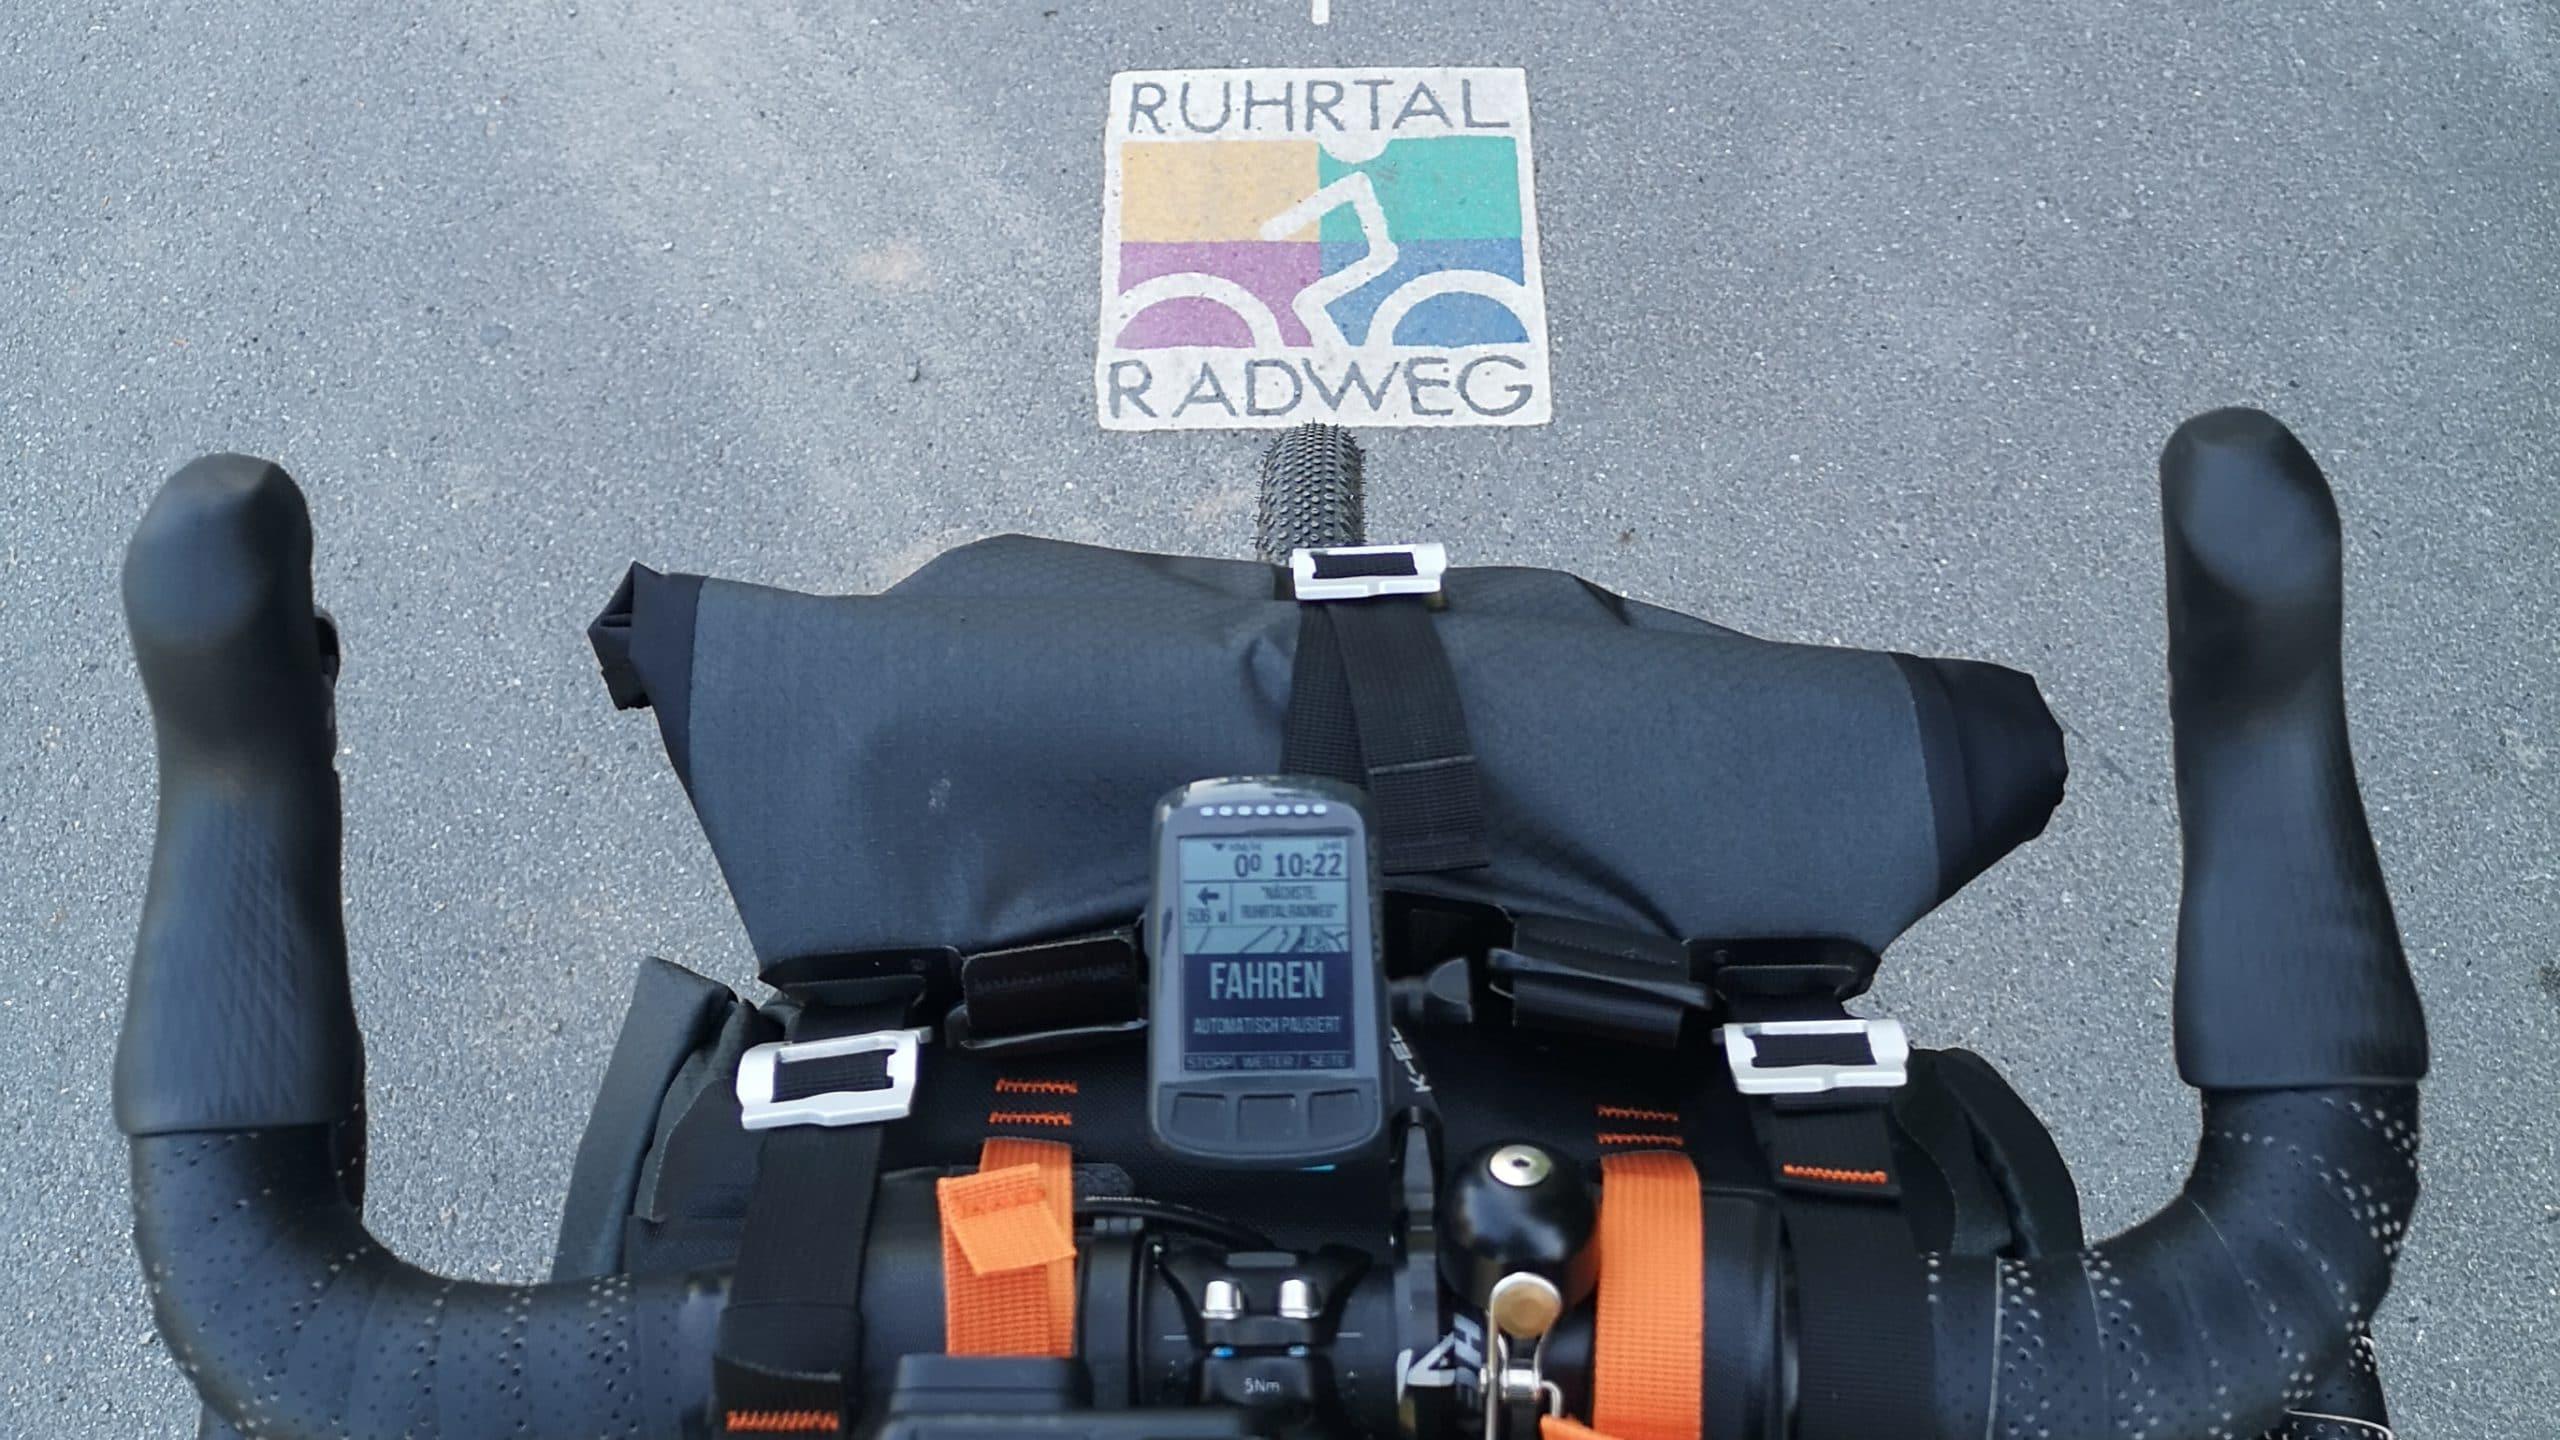 Fahrradlenker über einer Ruhrtalradweg Markierung